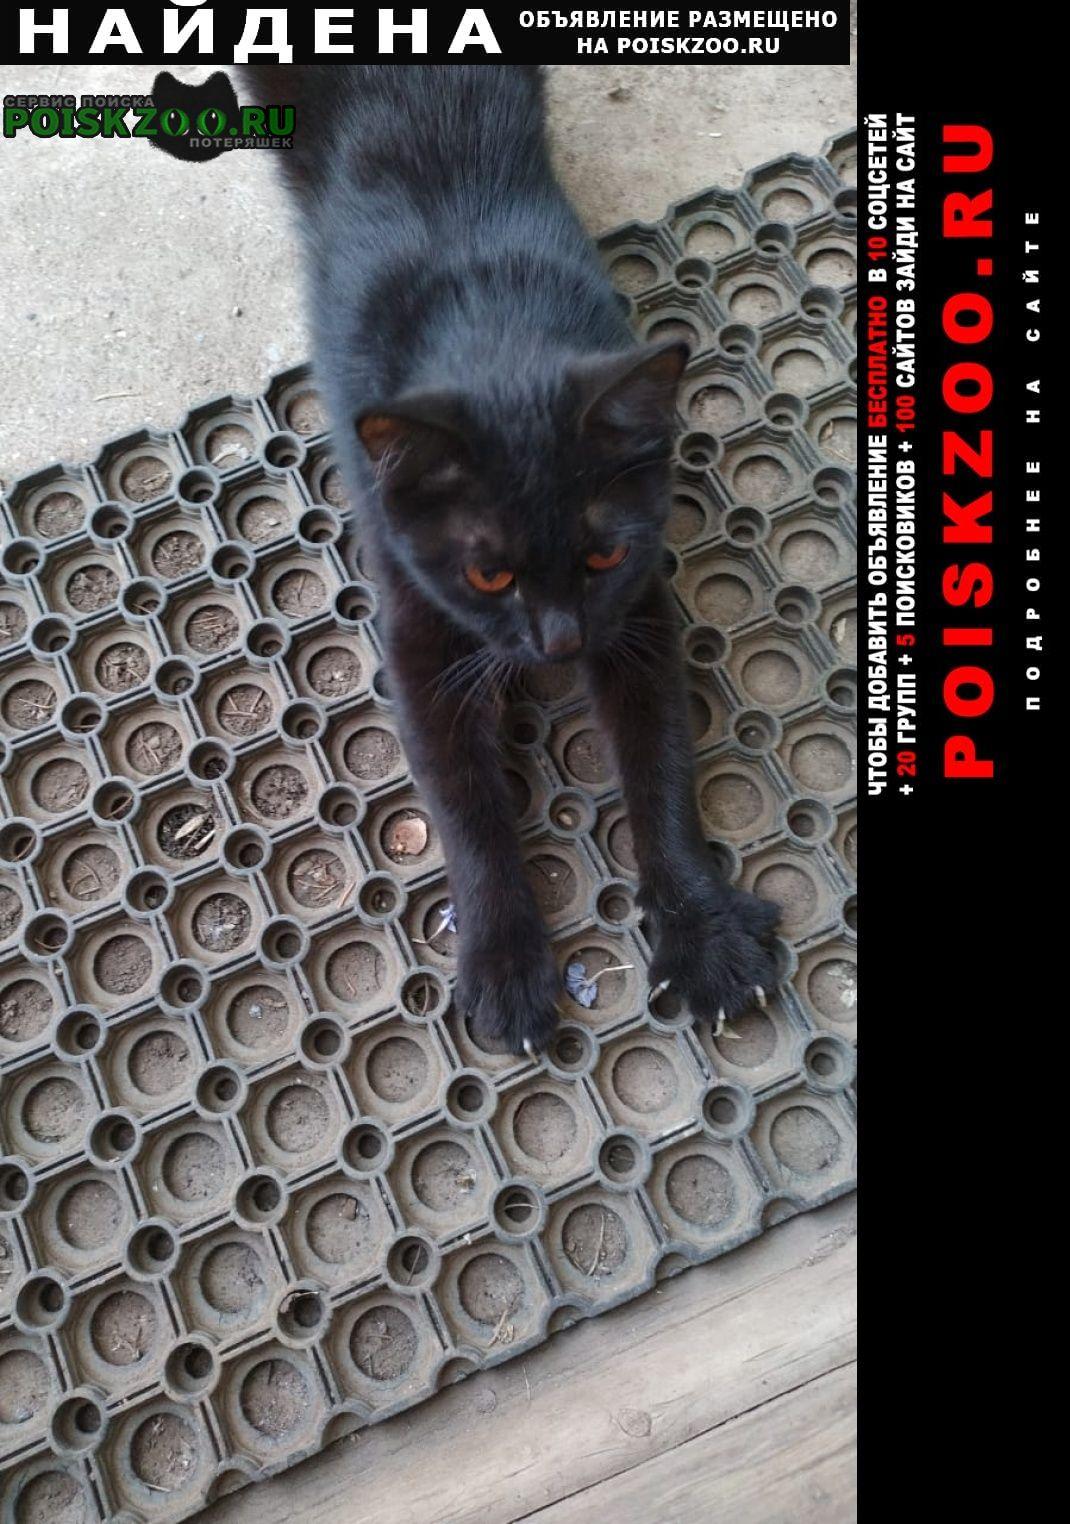 Найдена кошка черная кошечка, около года Уфа